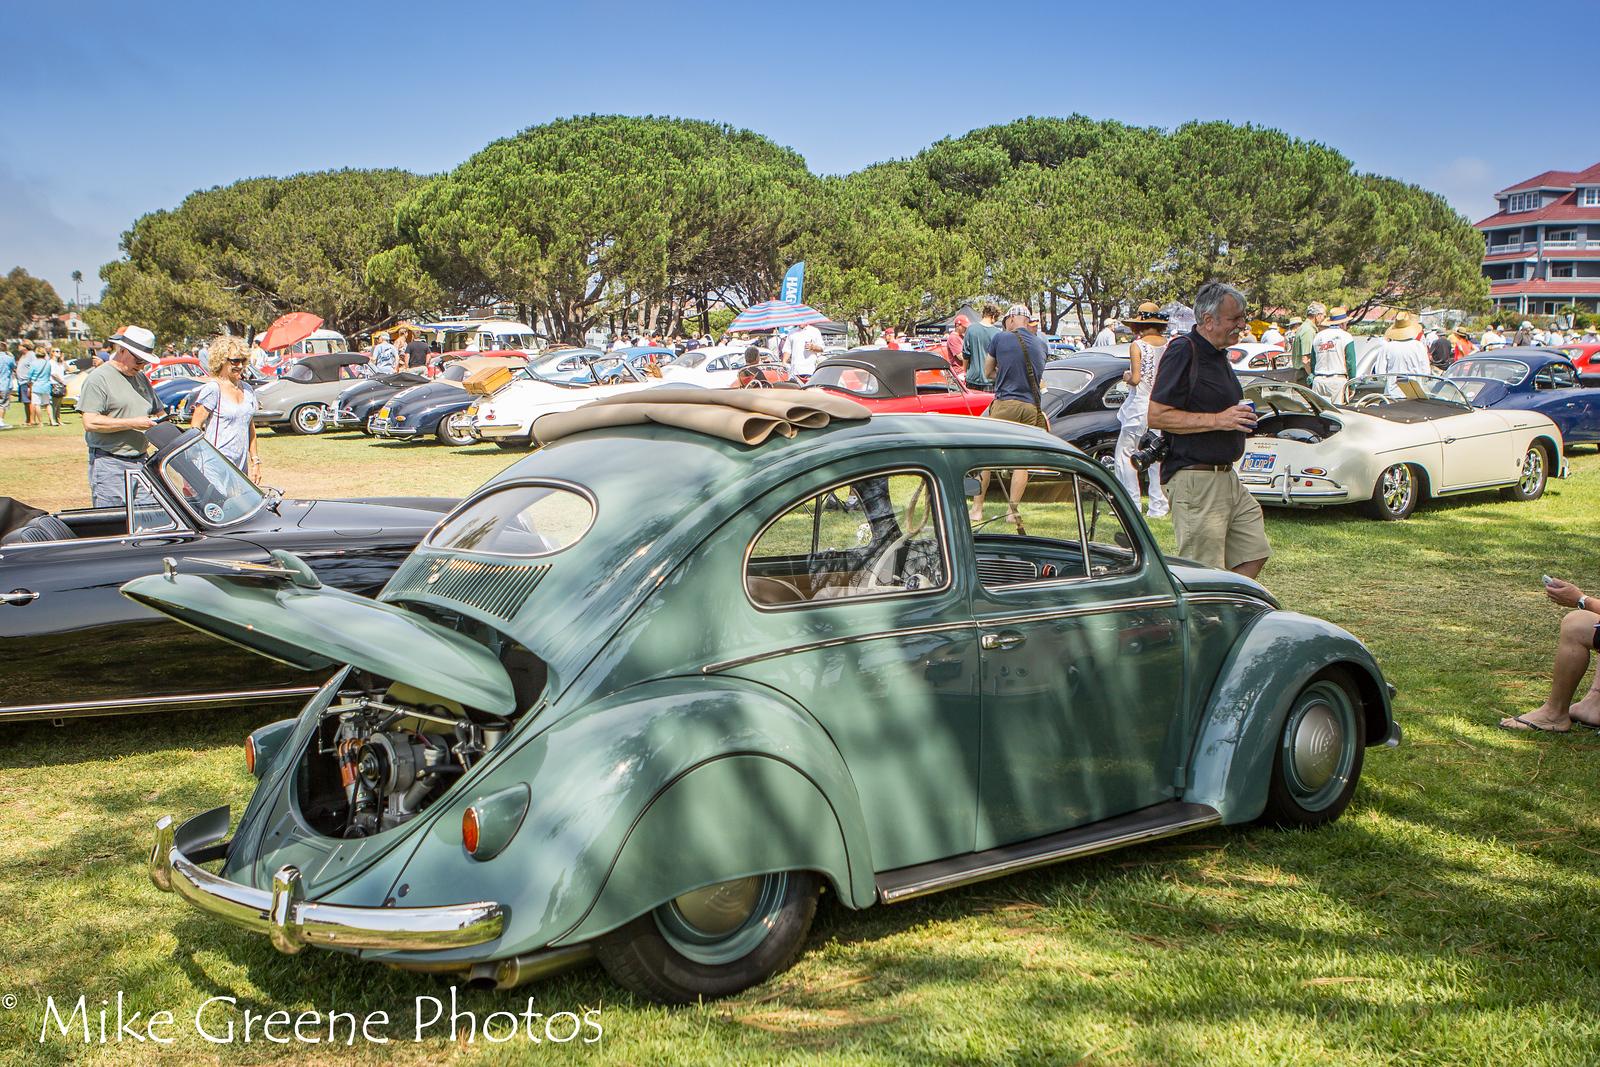 IMAGE: https://photos.smugmug.com/Events-Automotive/Dana-Point-Concours-2016/i-MQvFhbv/1/19b28015/X3/IMG_2158-X3.jpg